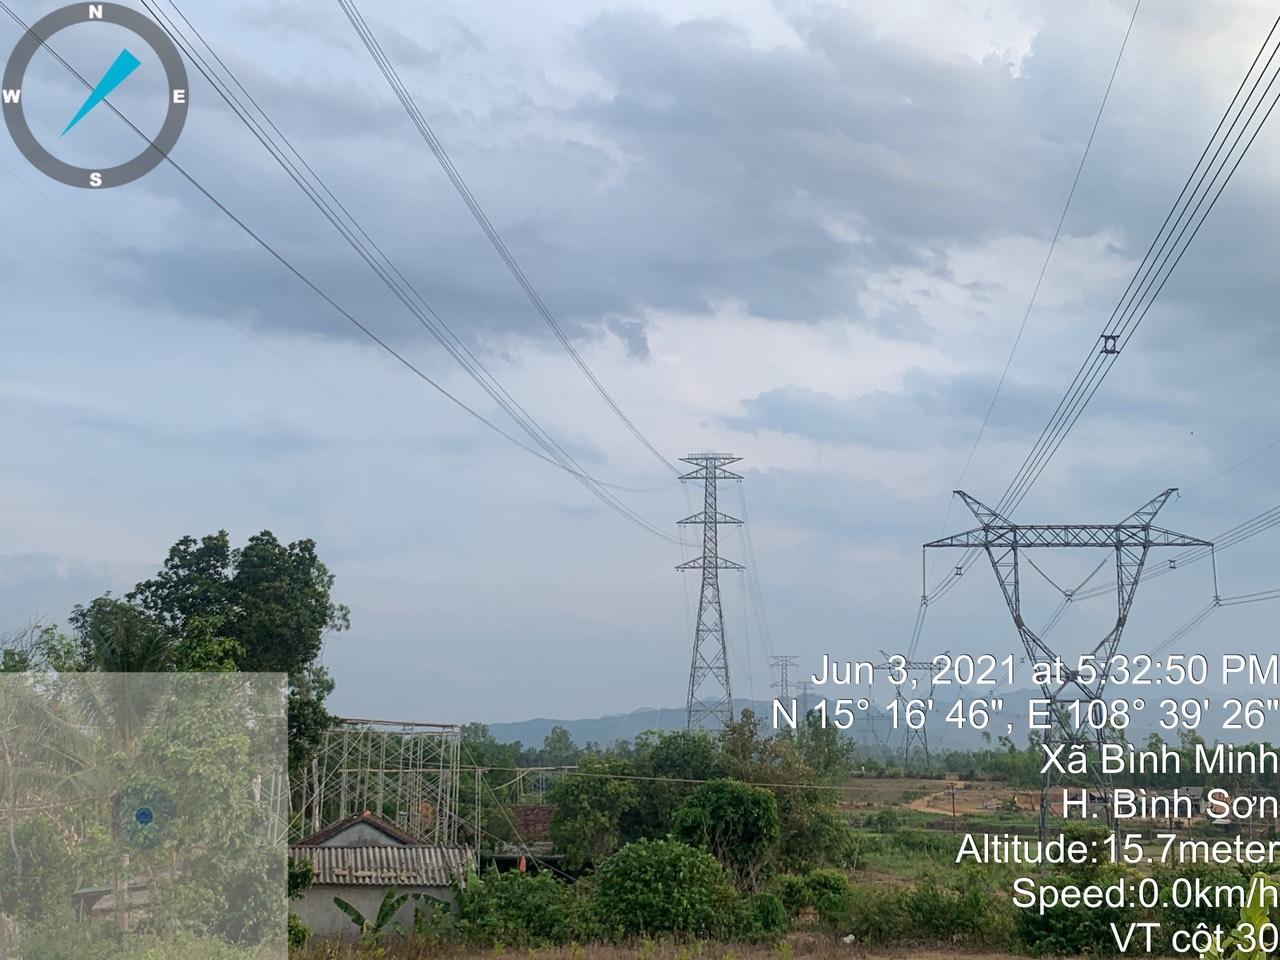 Dự án đường dây 500kV mạch 3 đoạn Dốc Sỏi – Pleiku 2 trên đường về đích